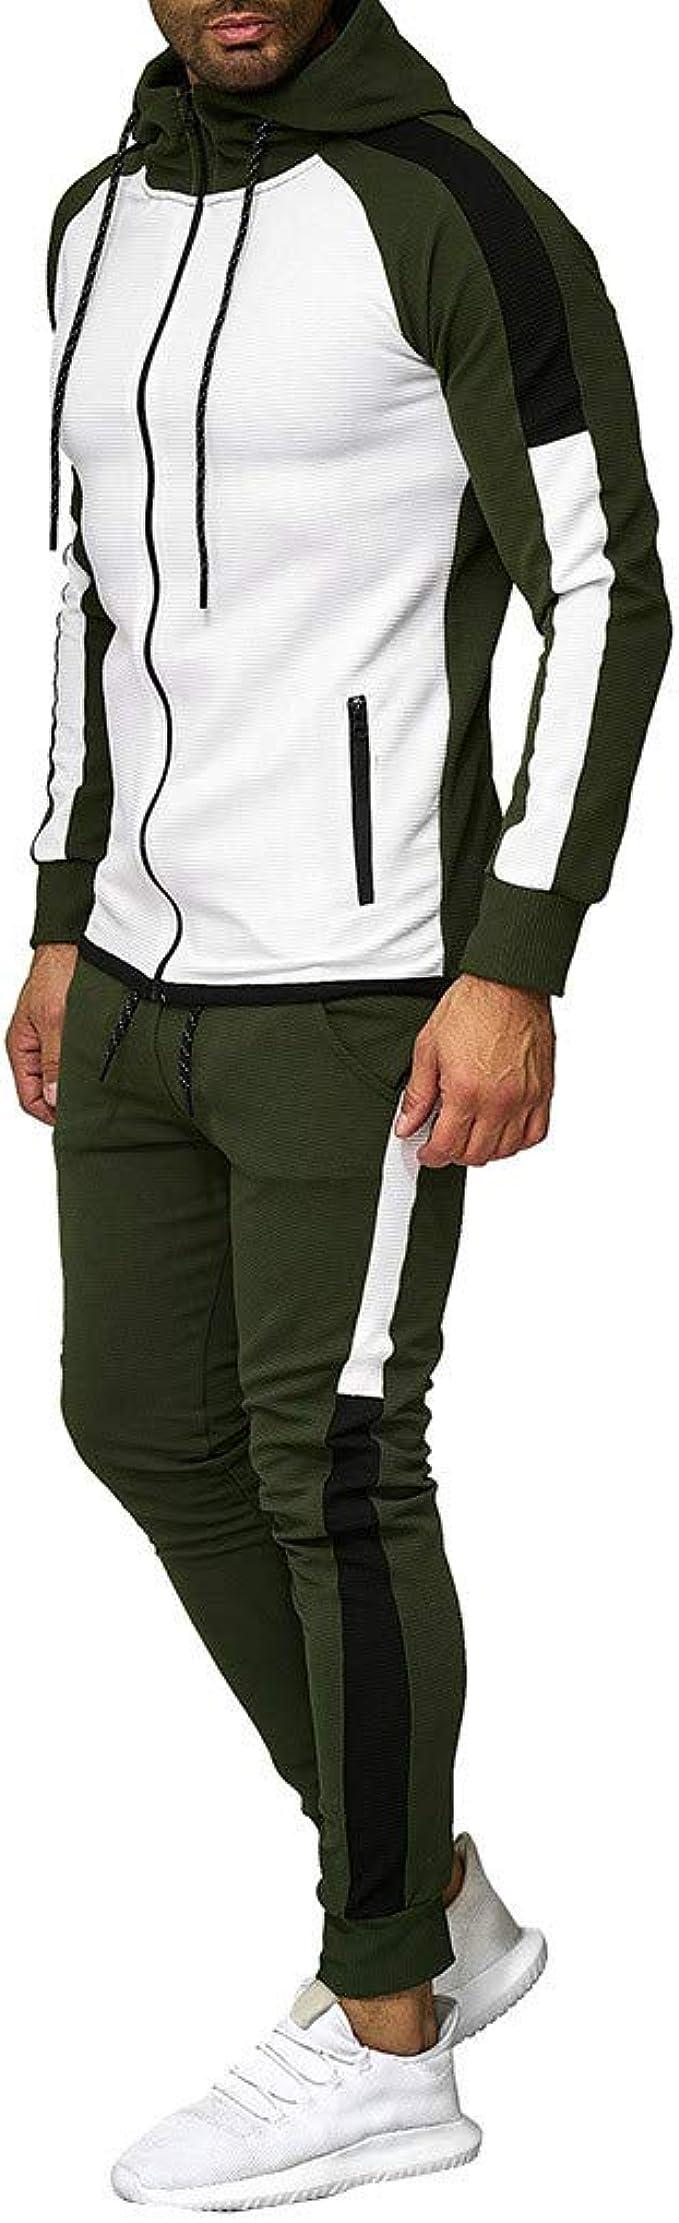 Theshy - Abrigo de invierno para hombre con capucha, chaqueta de ...